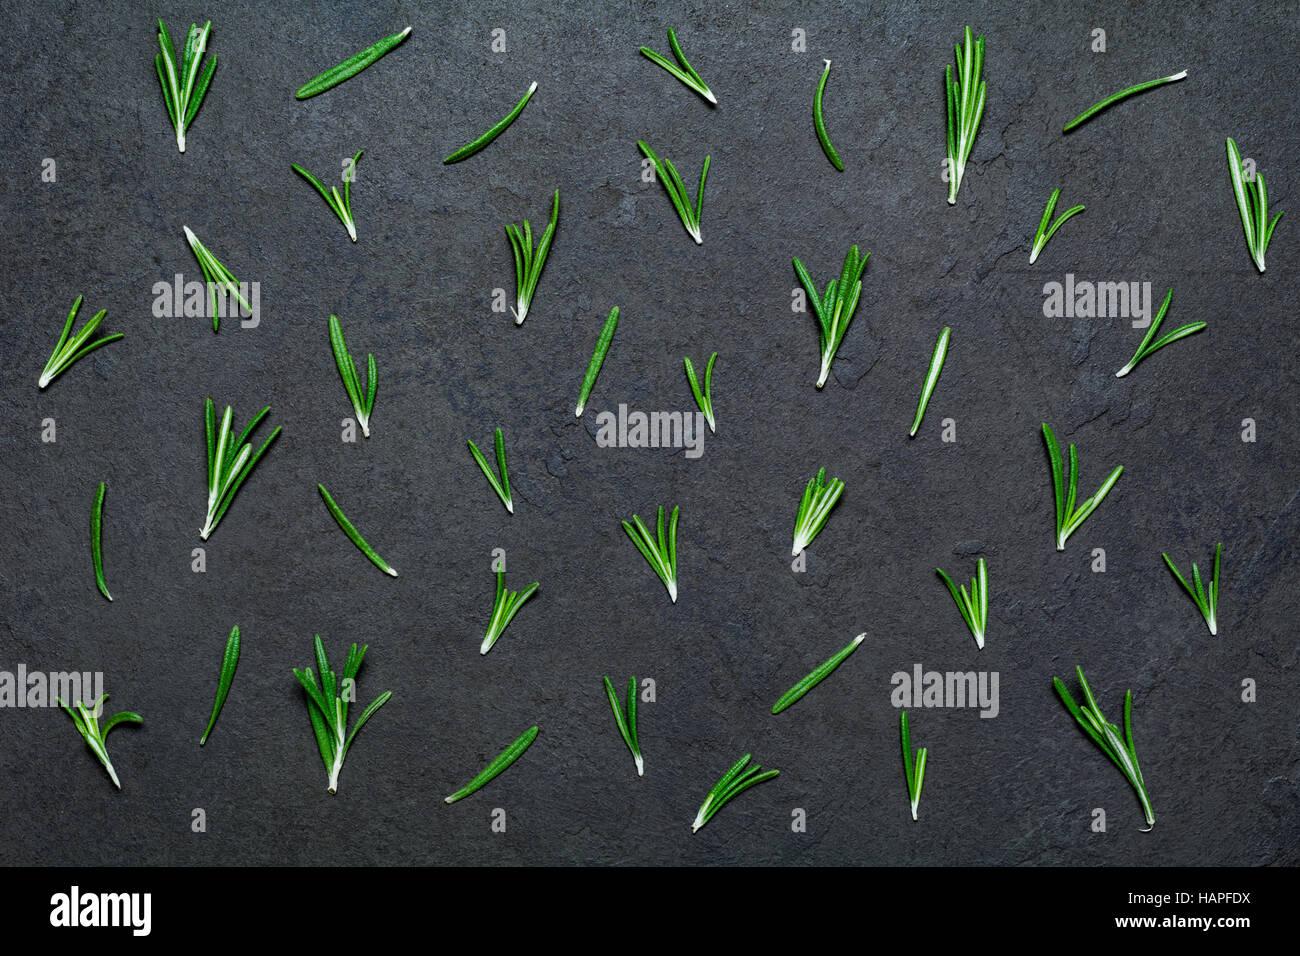 Frischer Rosmarin Zusammensetzung. Muster aus Rosmarin Federn auf schwarzem Stein. Horizontales Bild Stockbild